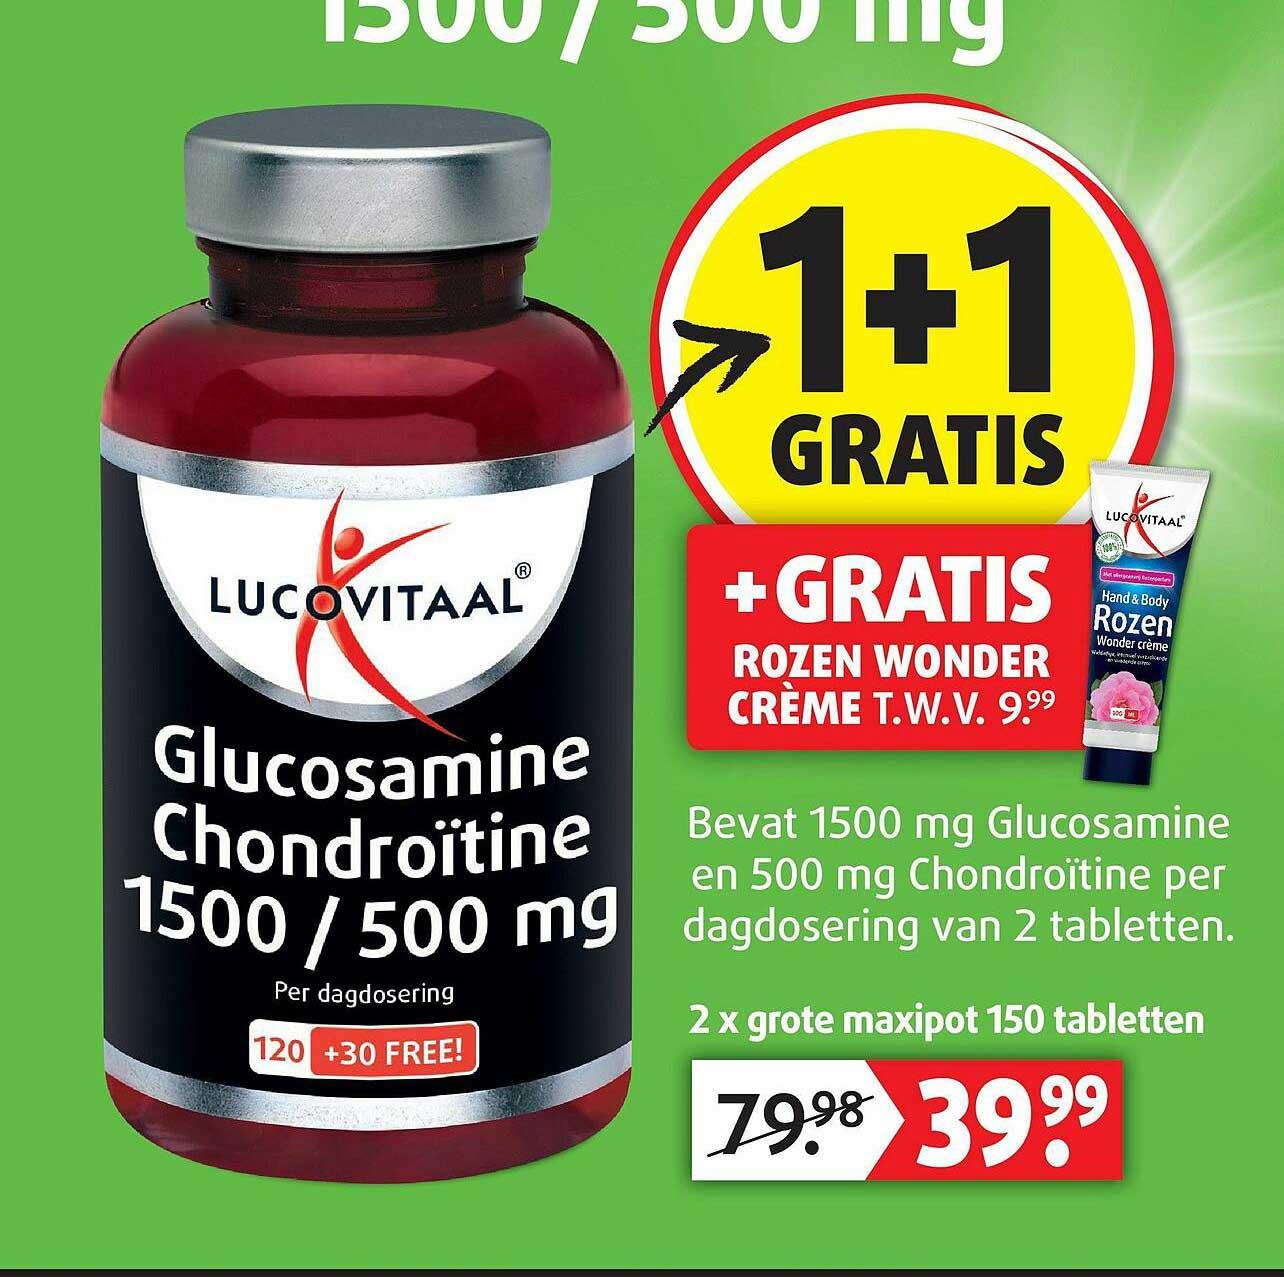 Lucovitaal Lucovitaal Glucosamine Chondroïtine 1500 - 500 Mg 1+1 Gratis